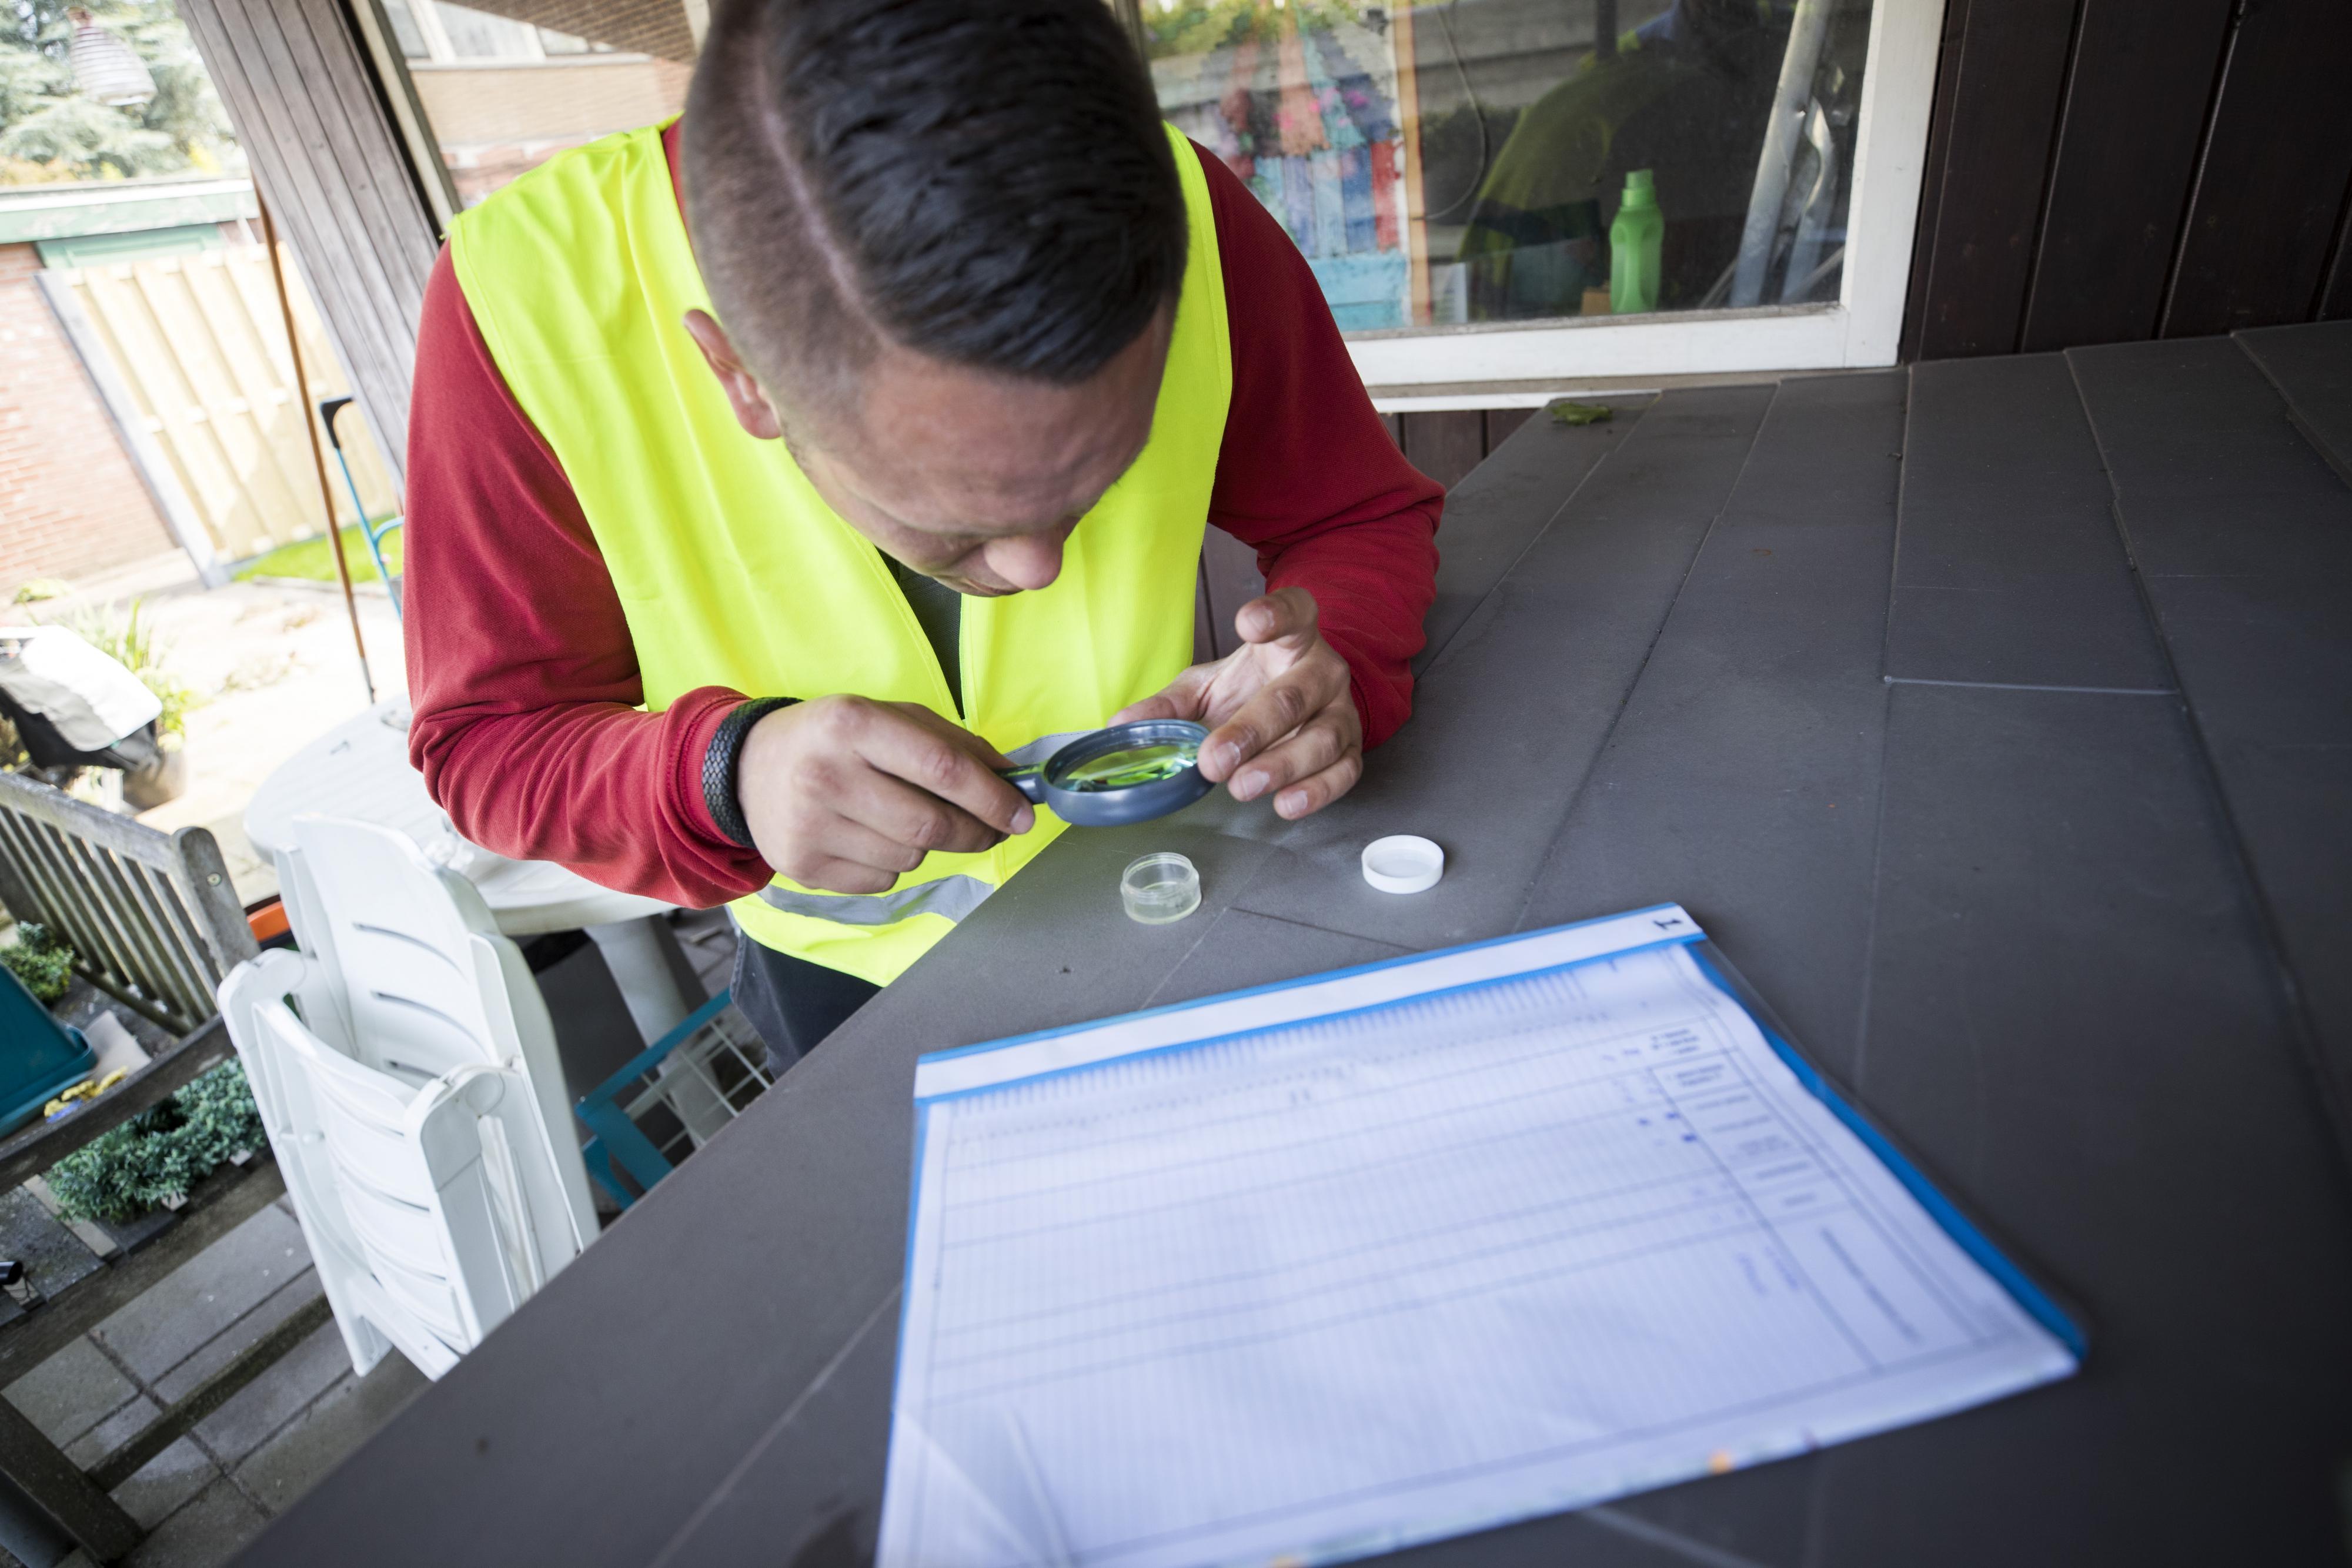 edewerkers van de NVWA gaan alle huizen langs in een wijk in Aalten waar de Aziatische tijgermug is aangetroffen. Ze checken elke tuin op plekken waar de mug eitjes gelegd zou kunnen hebben. Foto: ANP / Jeroen Jumelet